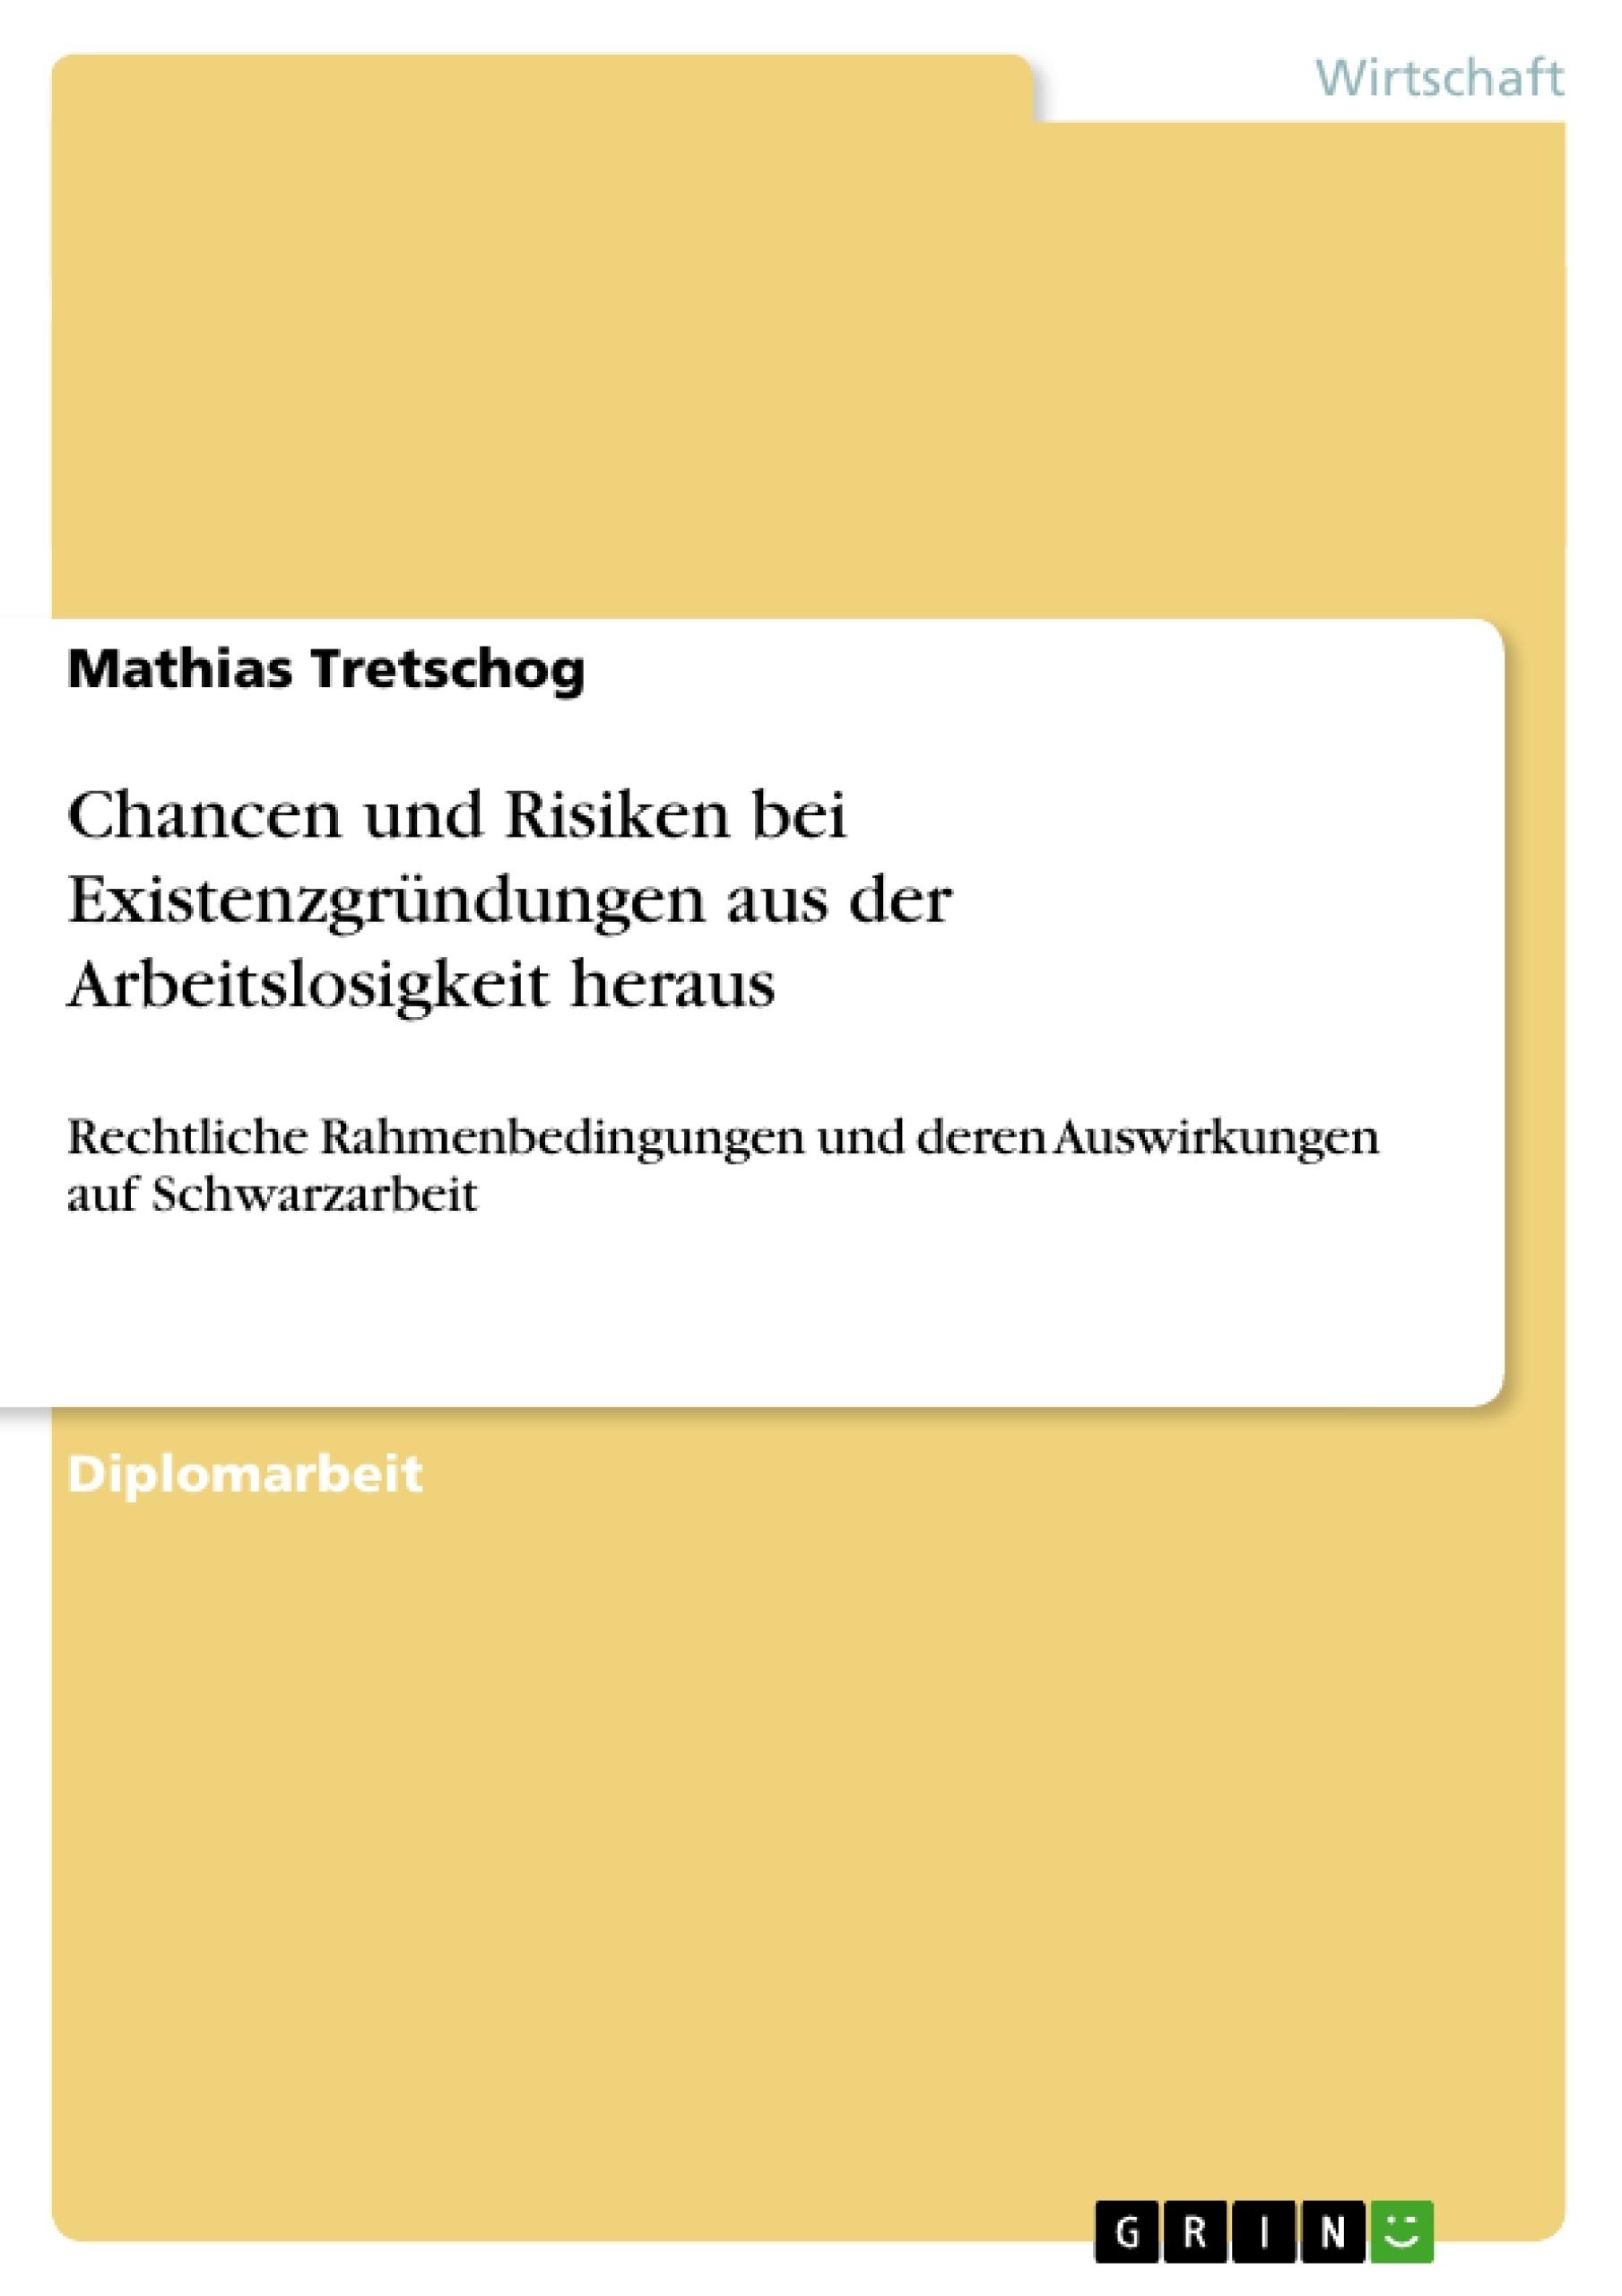 Titel: Chancen und Risiken bei Existenzgründungen aus der Arbeitslosigkeit heraus